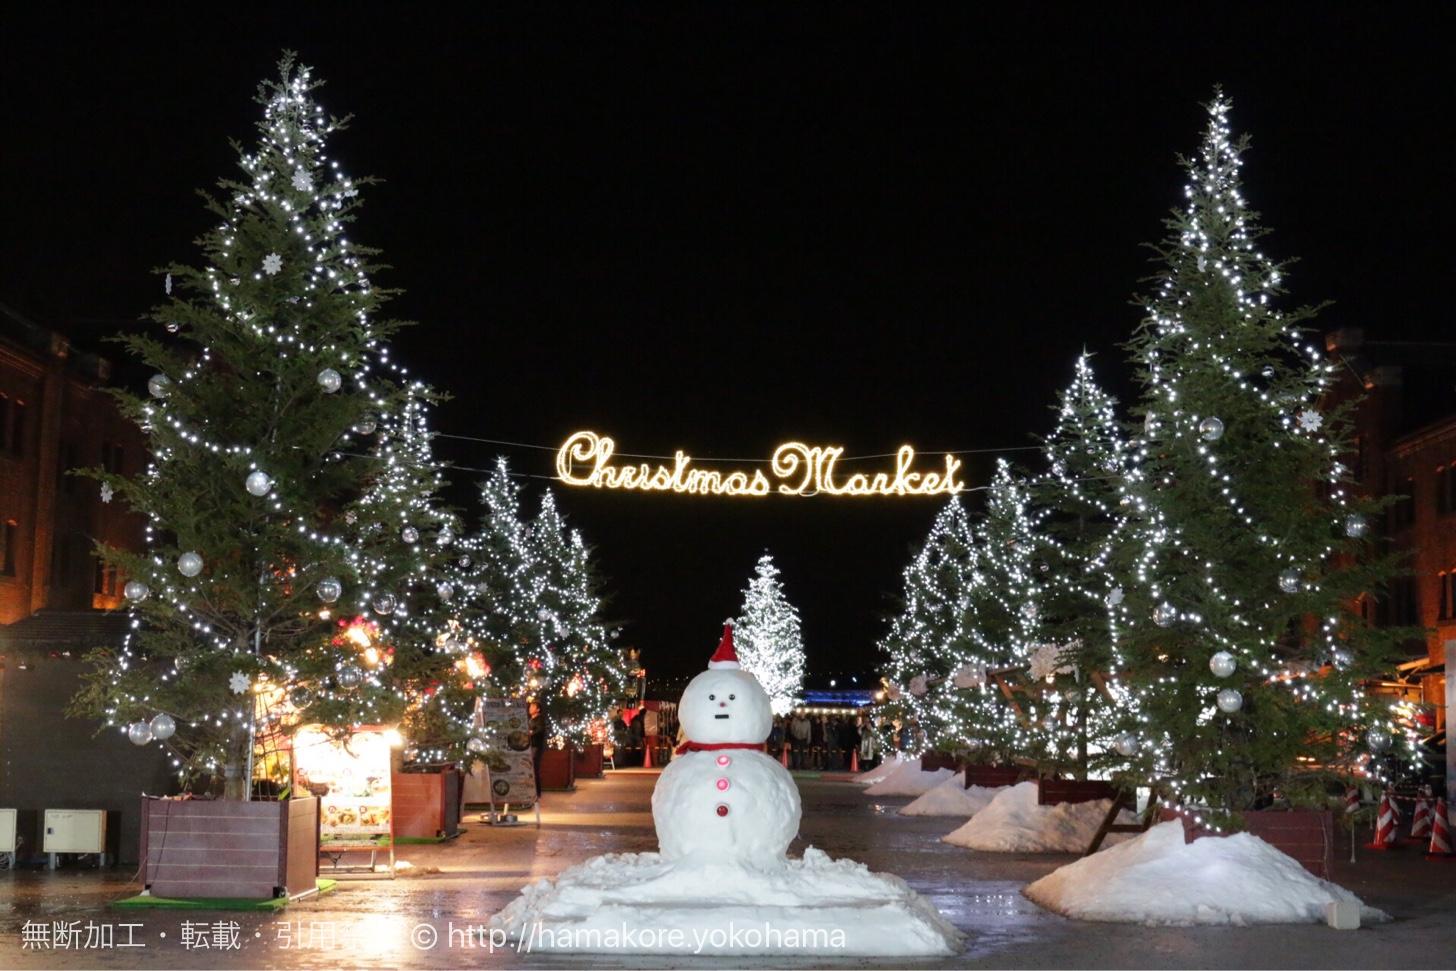 横浜みなとみらい「クリスマス・イルミネーション  2016 」イベント一覧!日程・場所(地図掲載)